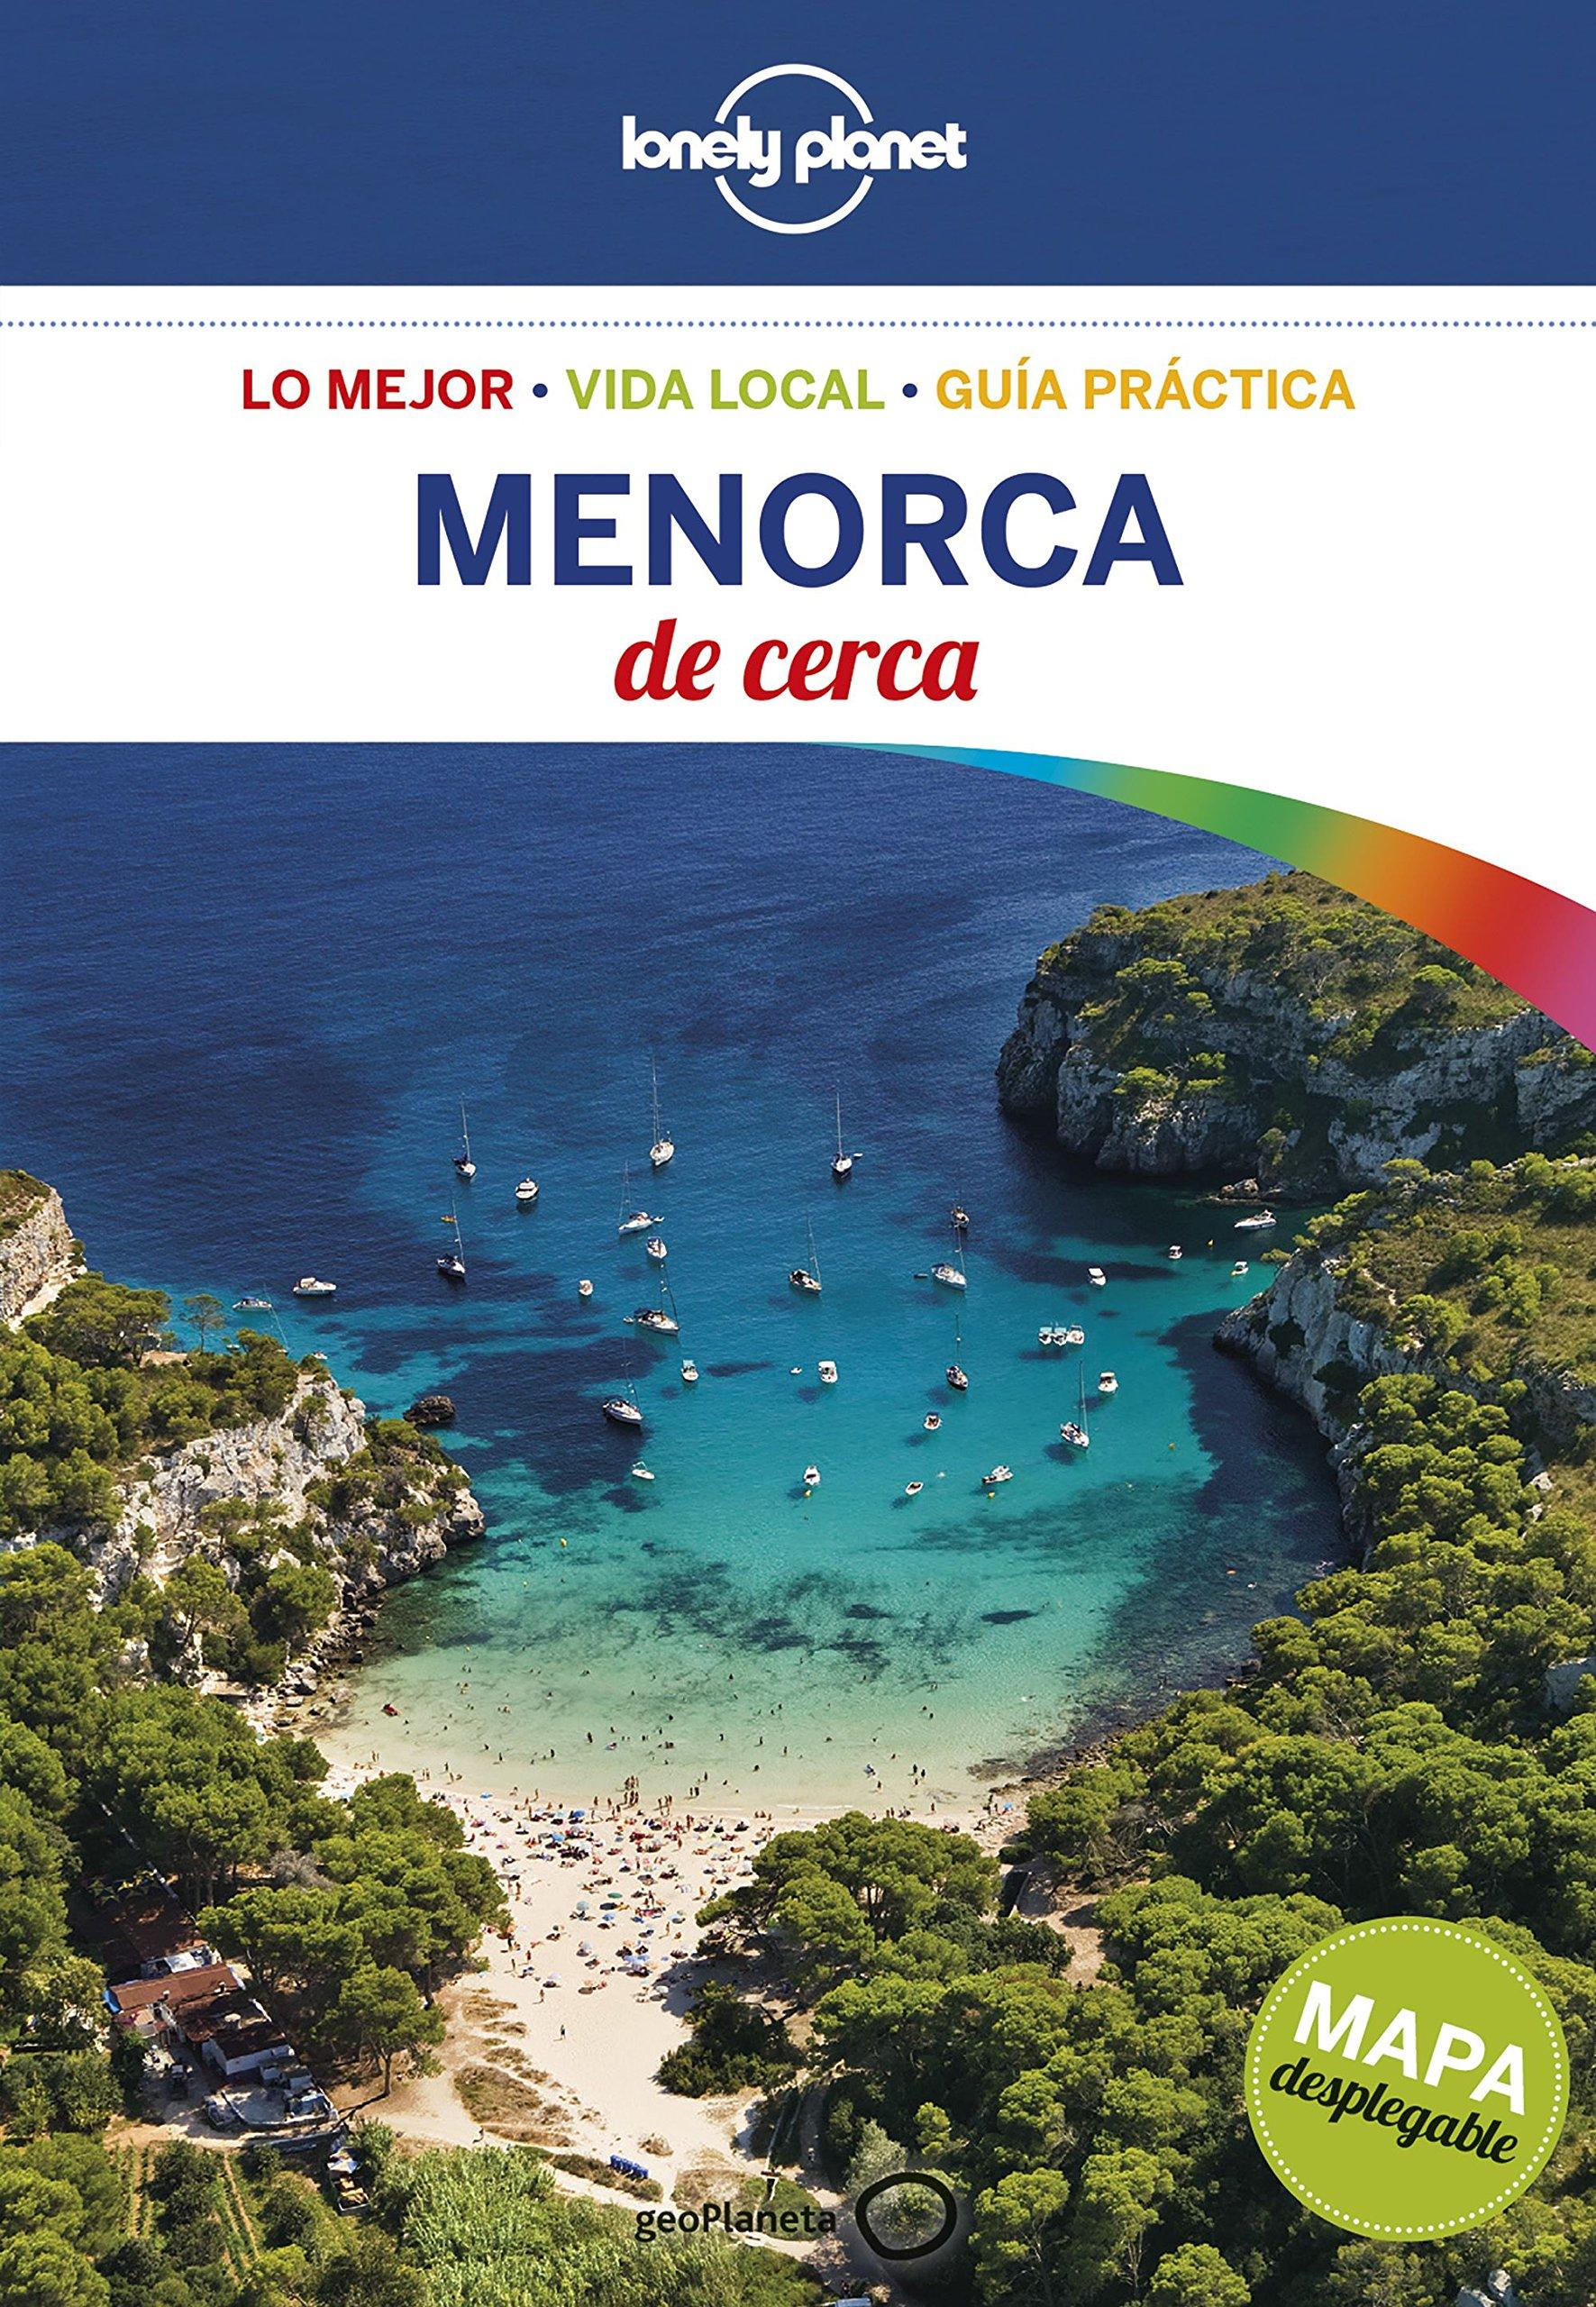 Menorca de cerca 1 (Guías De cerca Lonely Planet): Amazon.es: Ollé, Albert, Monner, Jordi: Libros